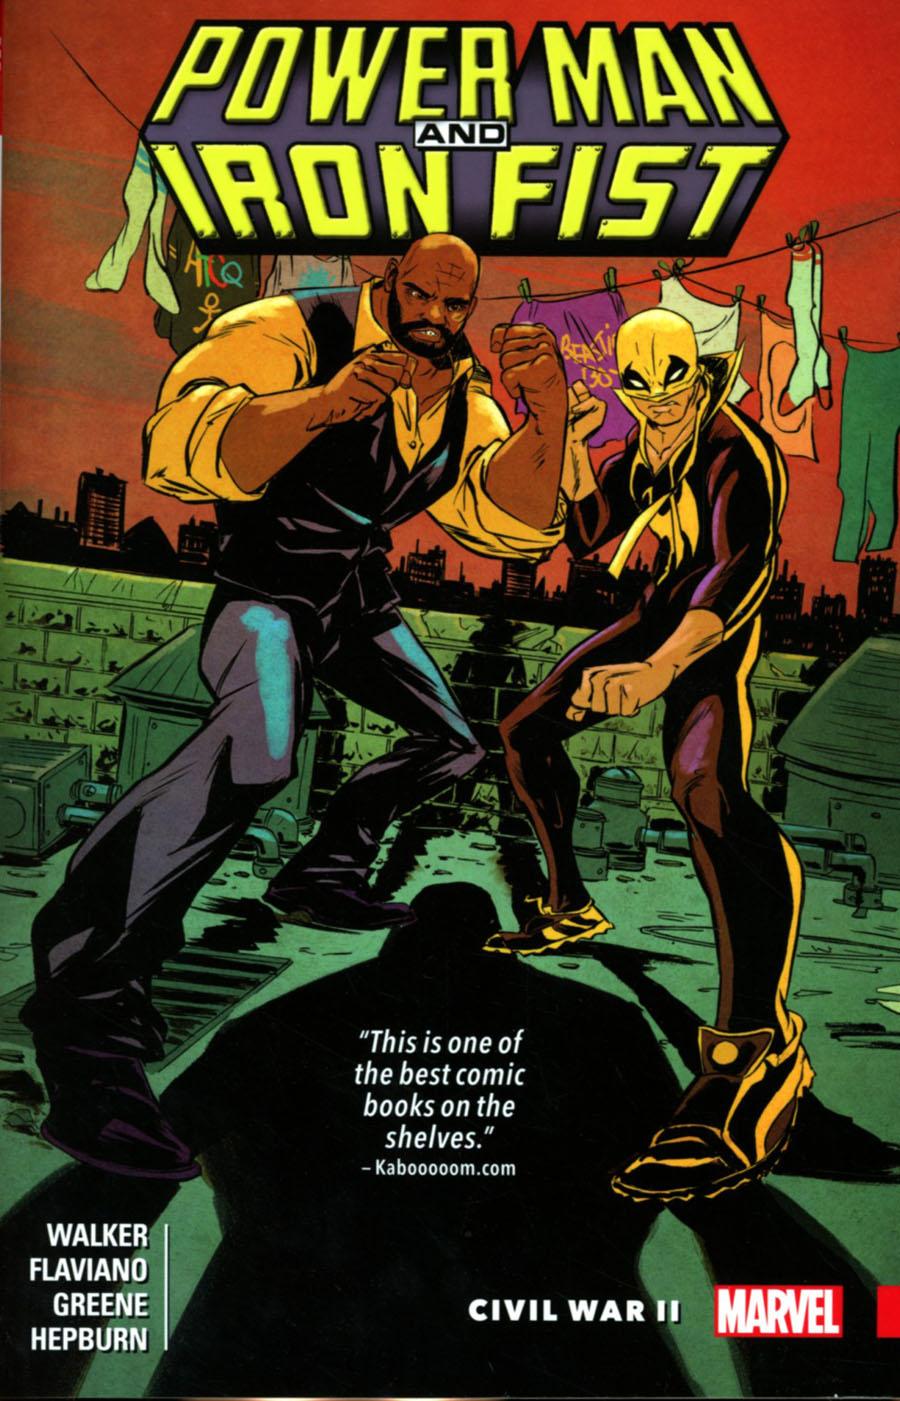 Power Man And Iron Fist Vol 2 Civil War II TP